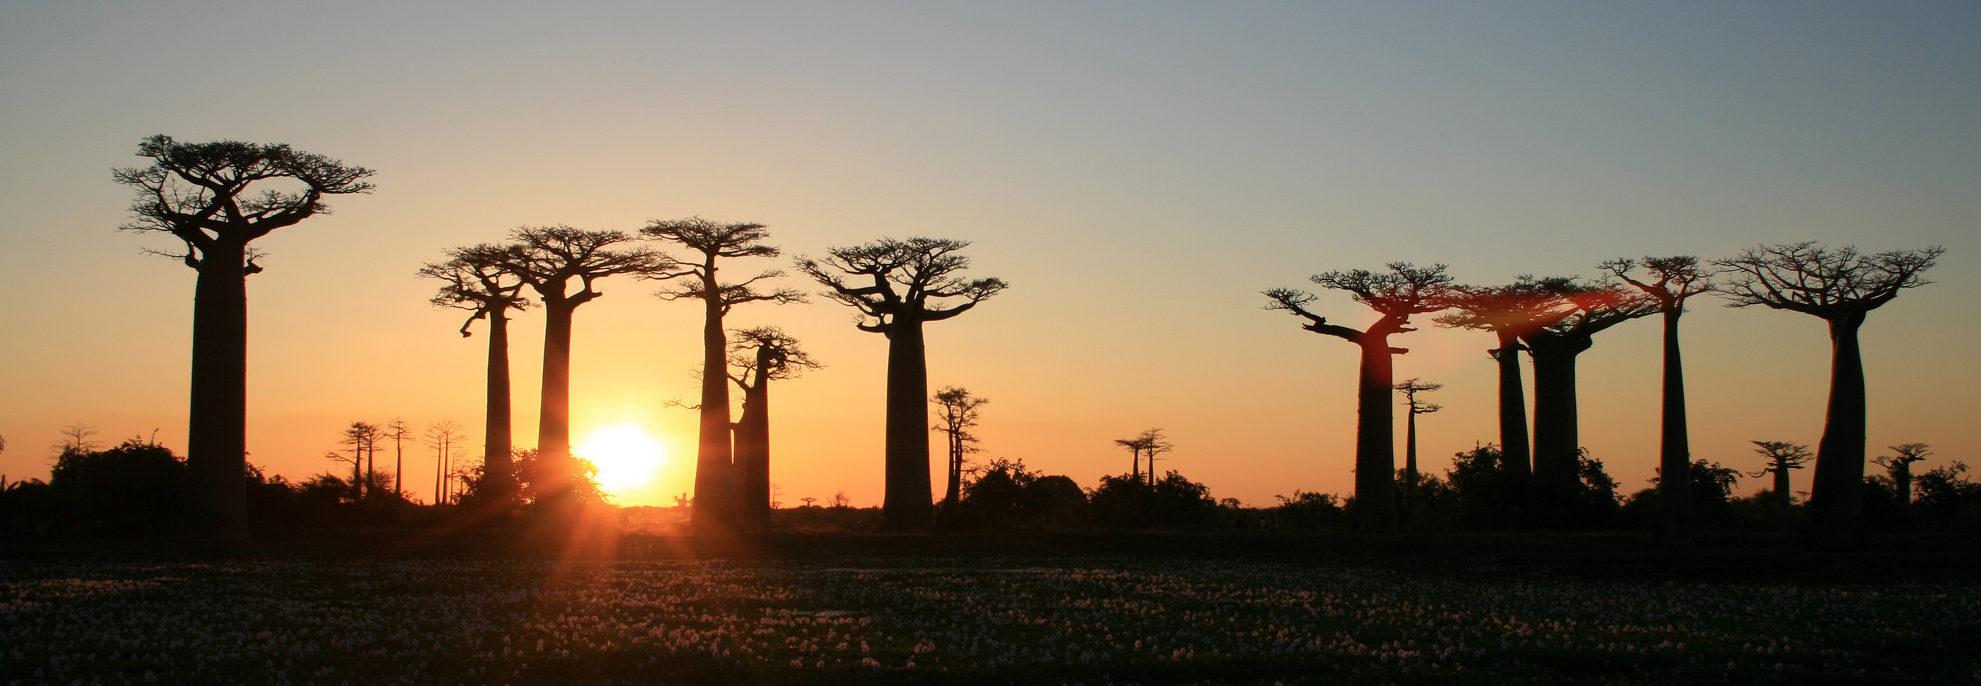 Le baobab l embl matique arbre malgache office national du tourisme de madagascar - Office national du tourisme madagascar ...